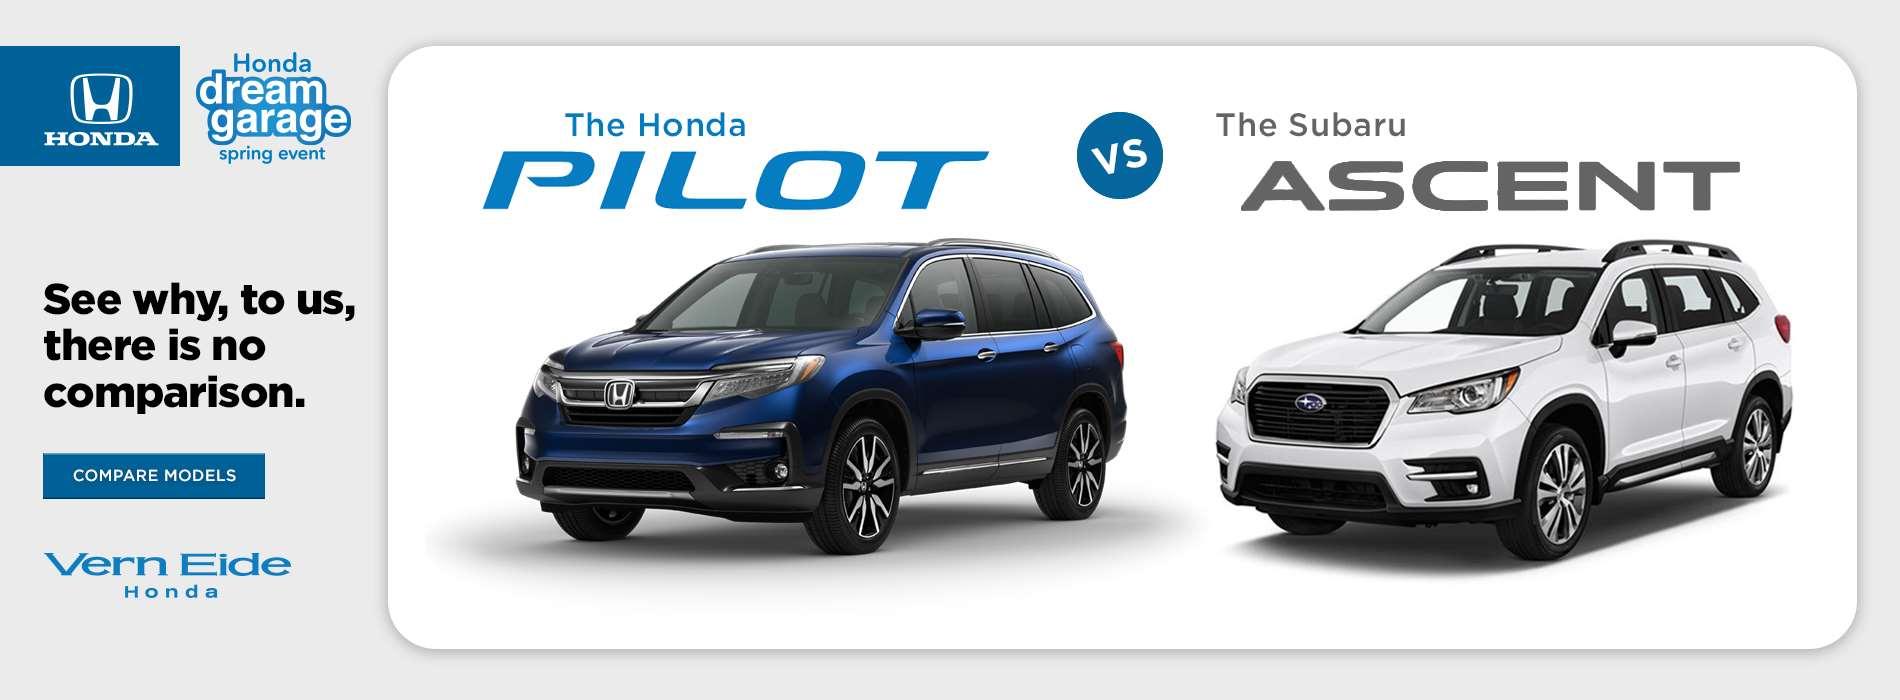 Honda - Pilot vs Ascent - March 2019